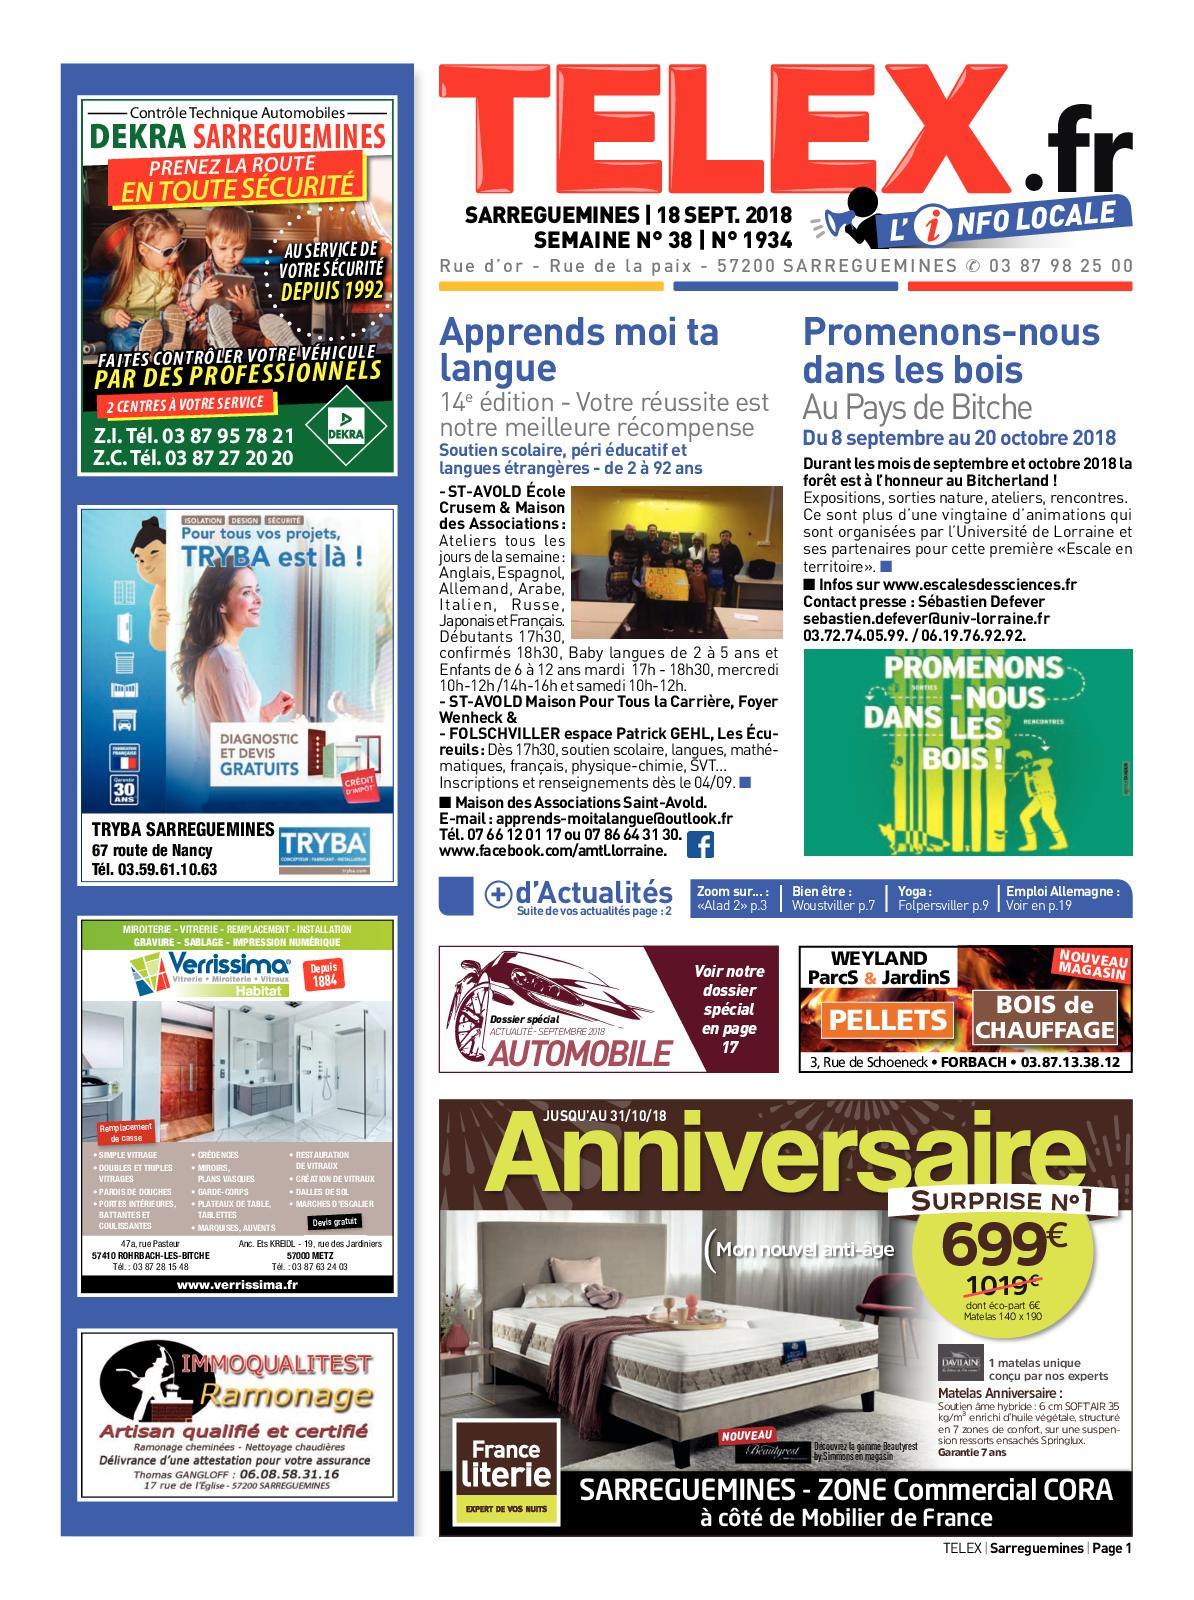 Thermomix 3300 Le Bon Coin calaméo - sa 3818